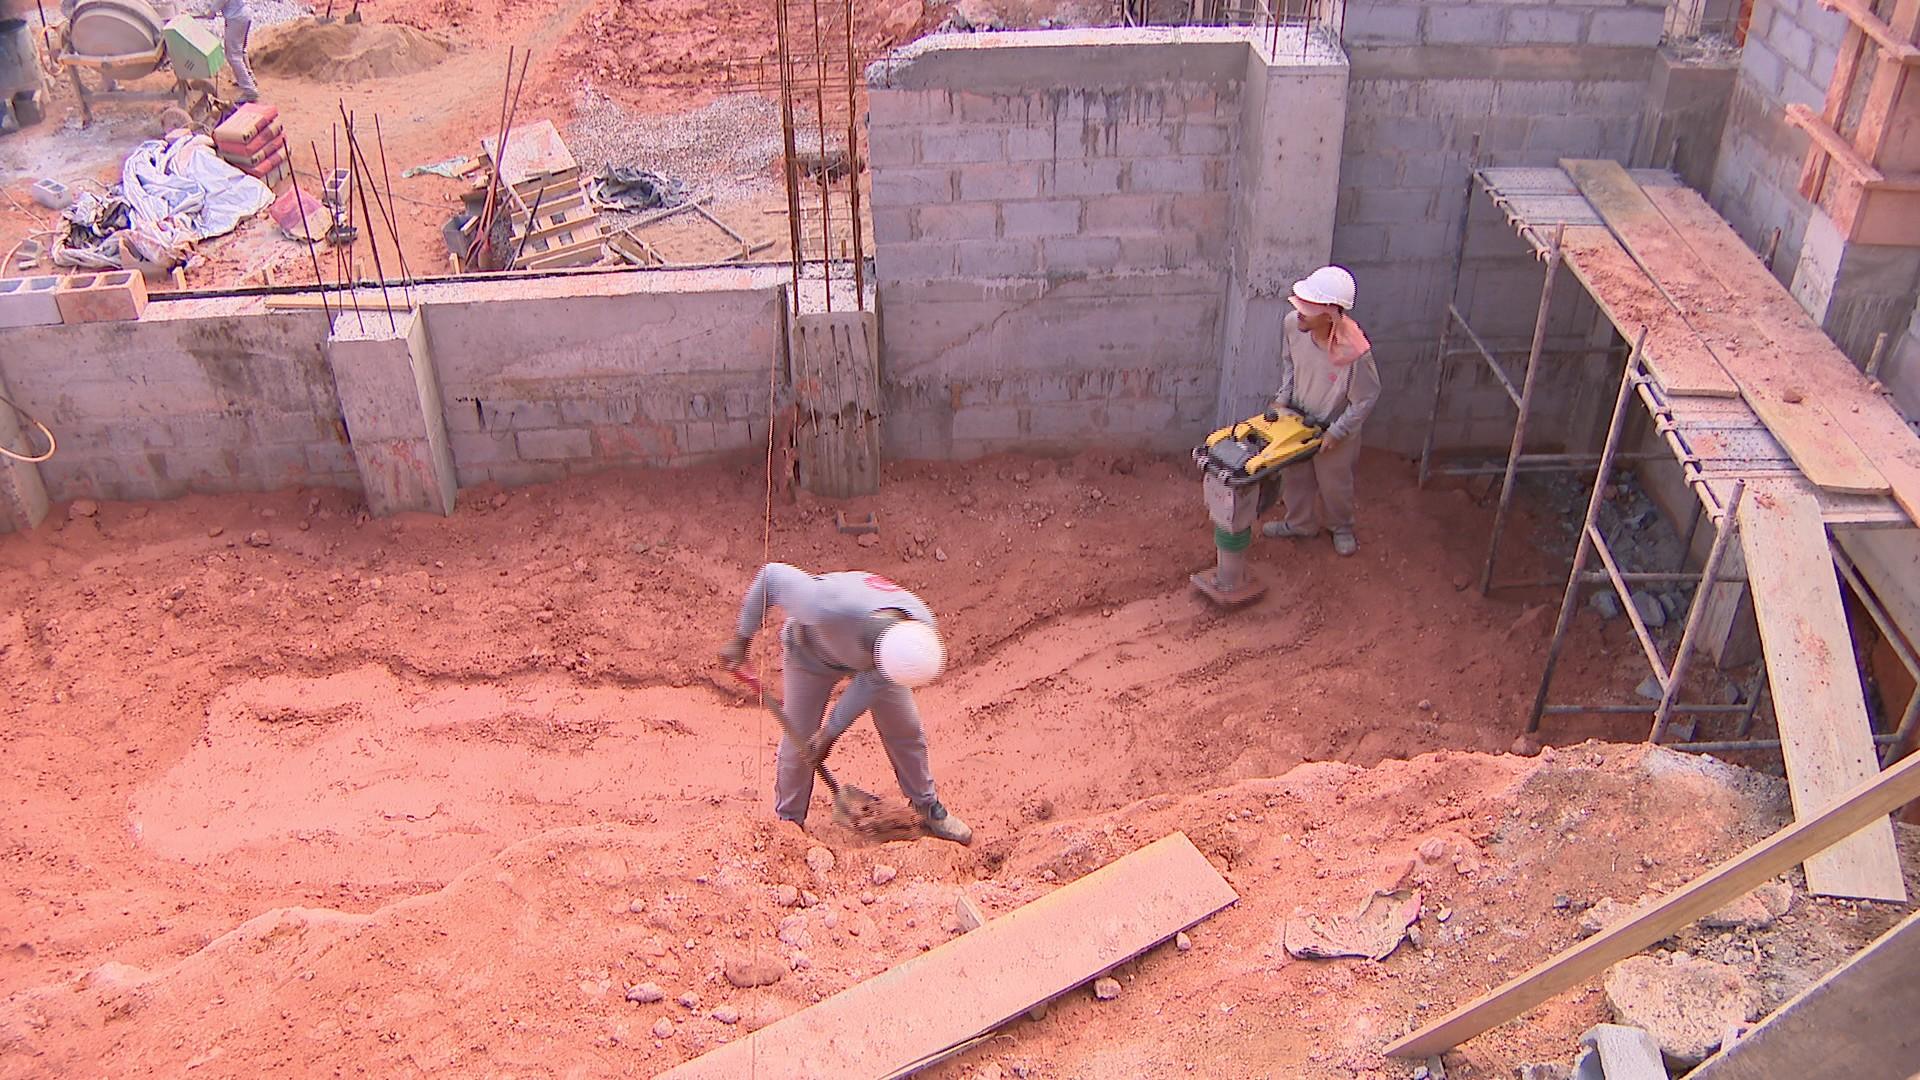 Após duas remarcações, obras de reparo na Avenida Paraná em Divinópolis podem chegar ao fim - Noticias